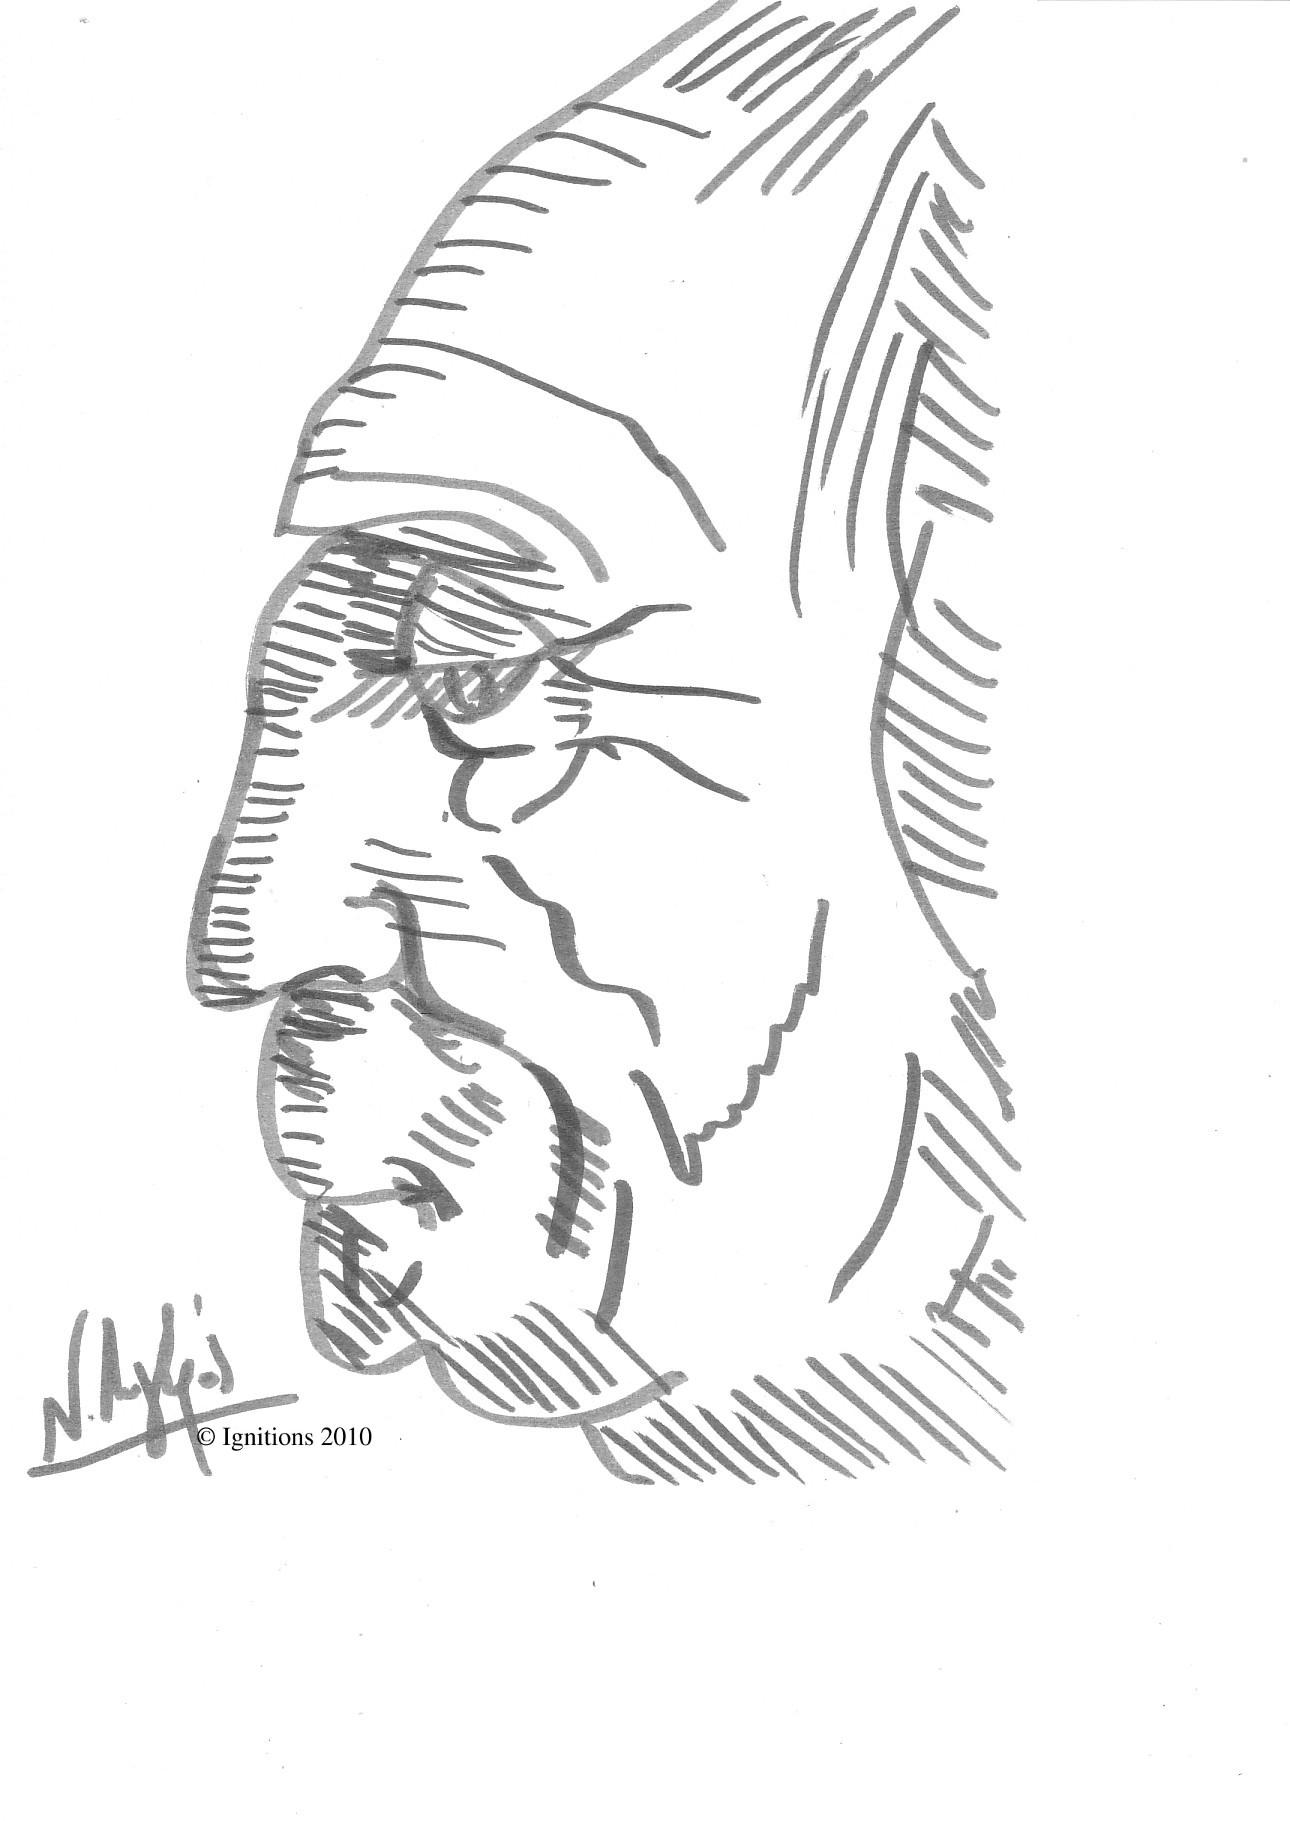 Etude de portrait grotesque de Leonardo da Vinci.